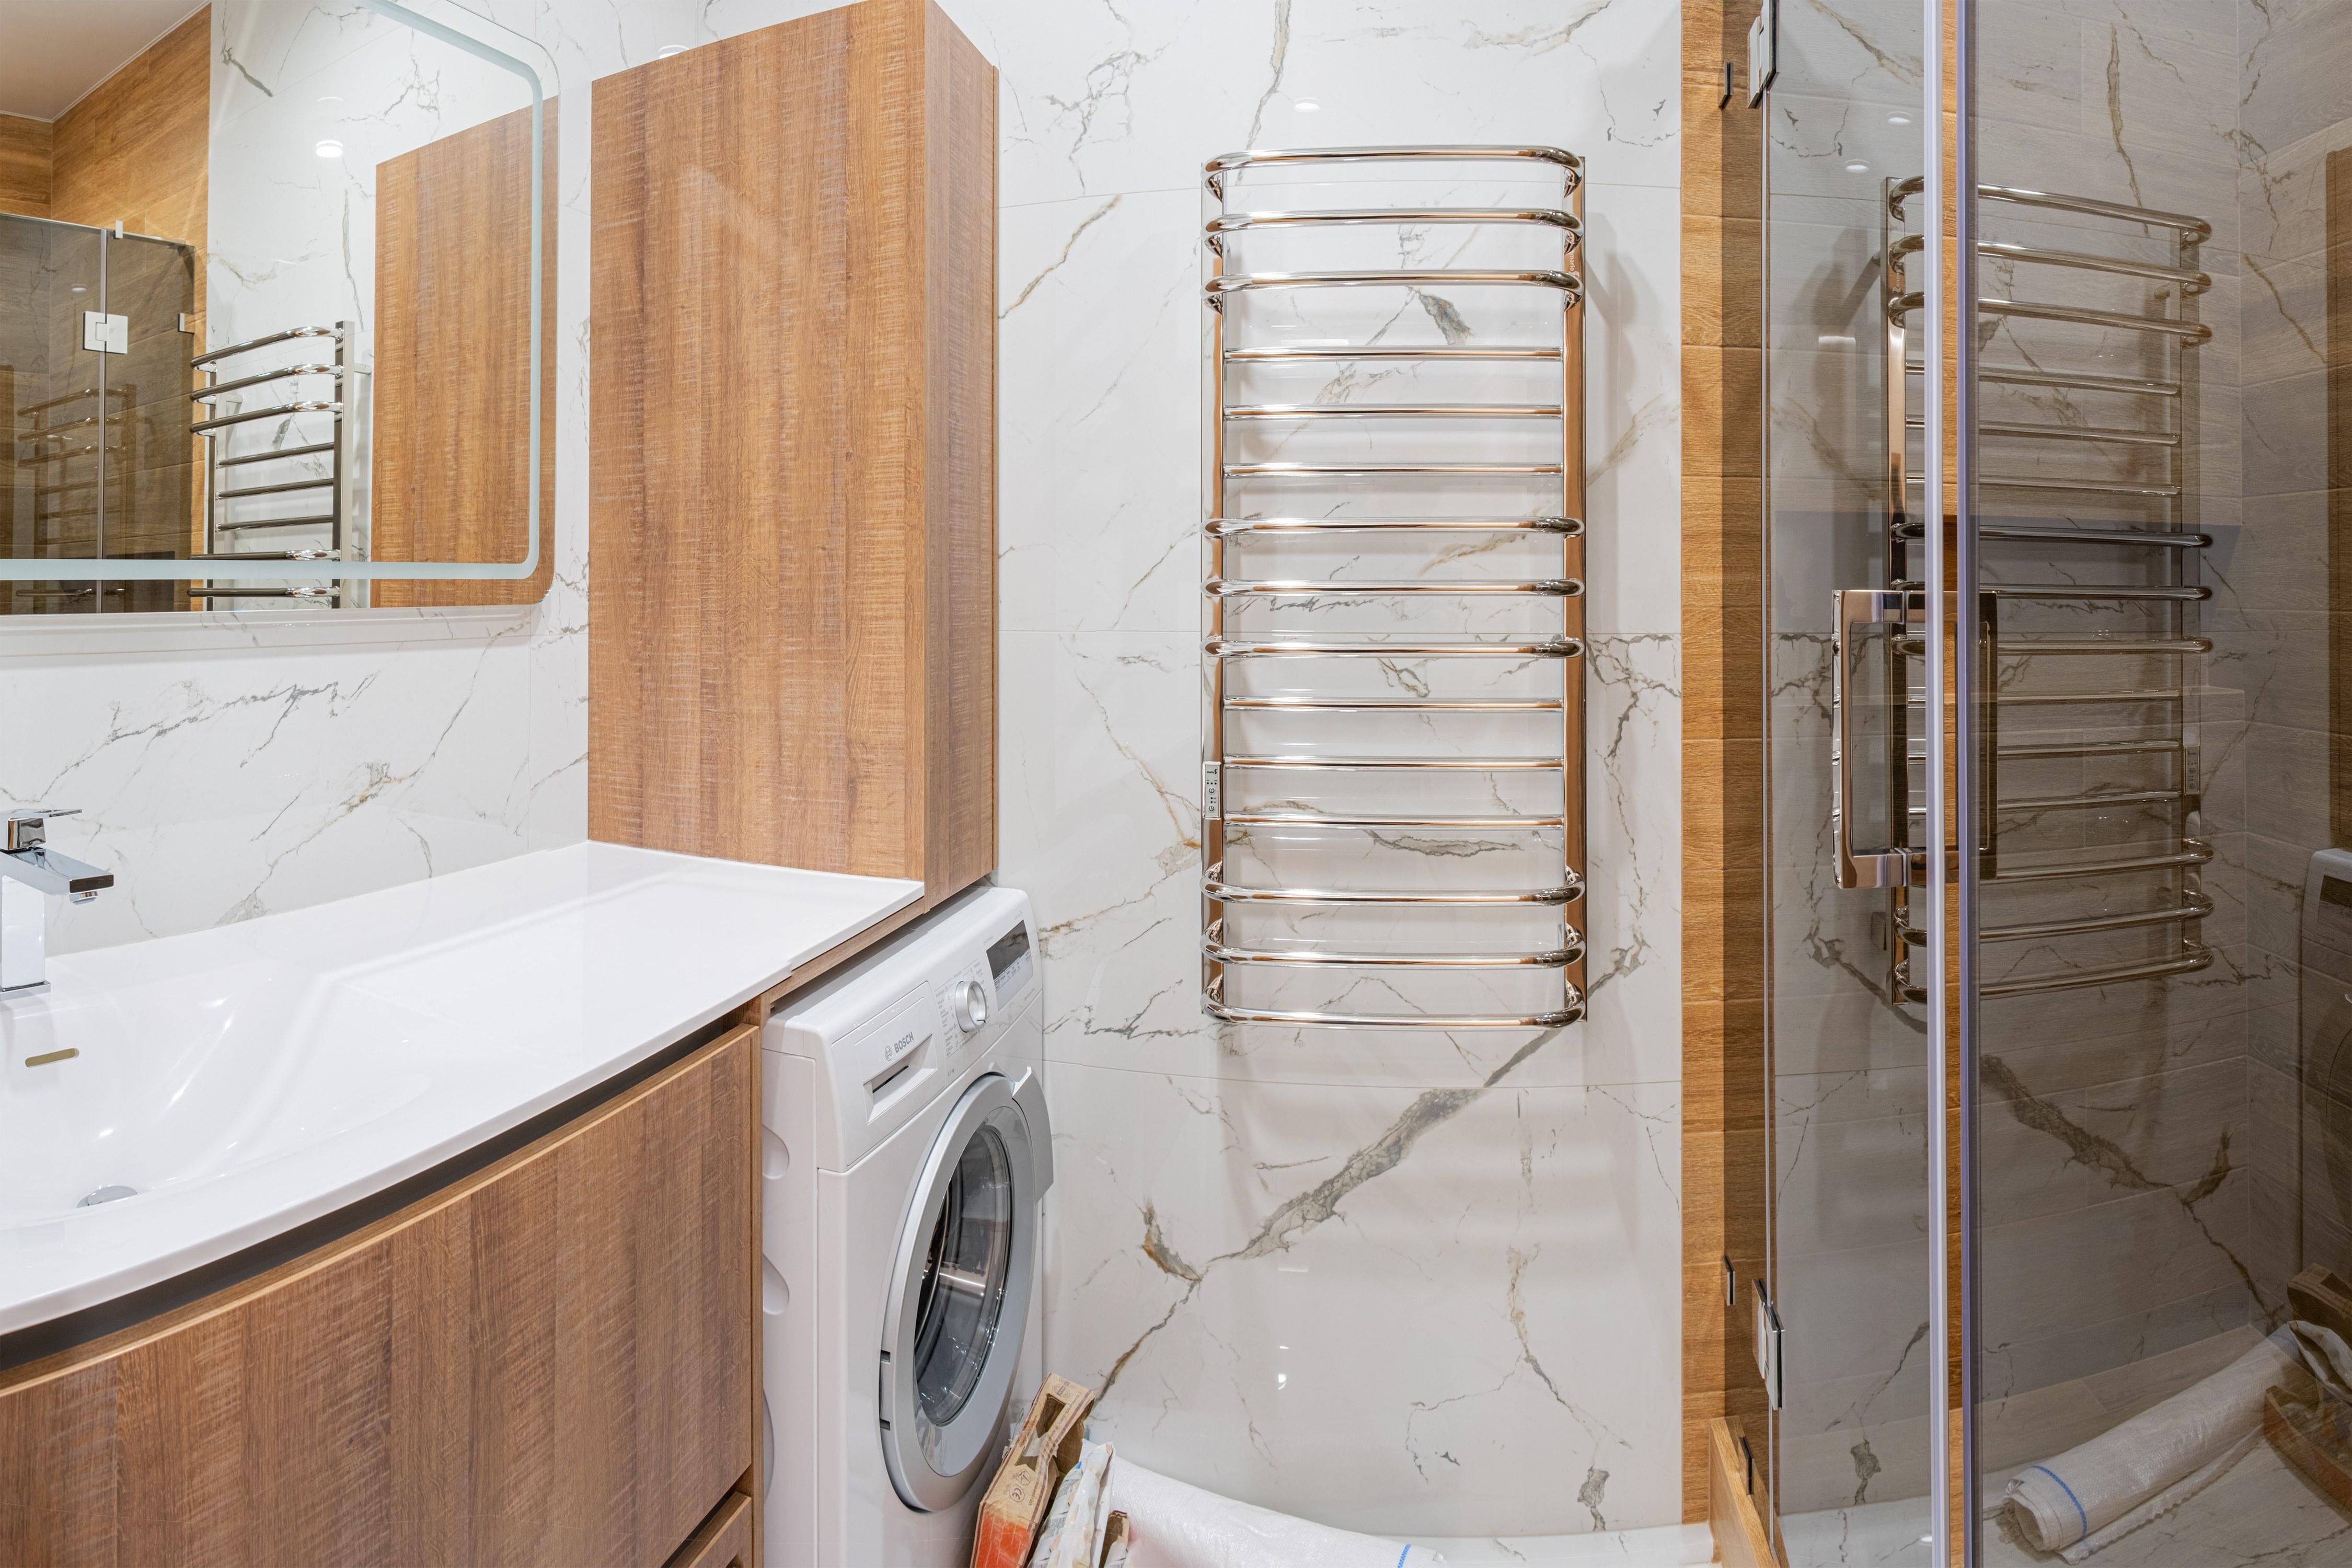 Ванная комната после ремонта квартиры в Одессе